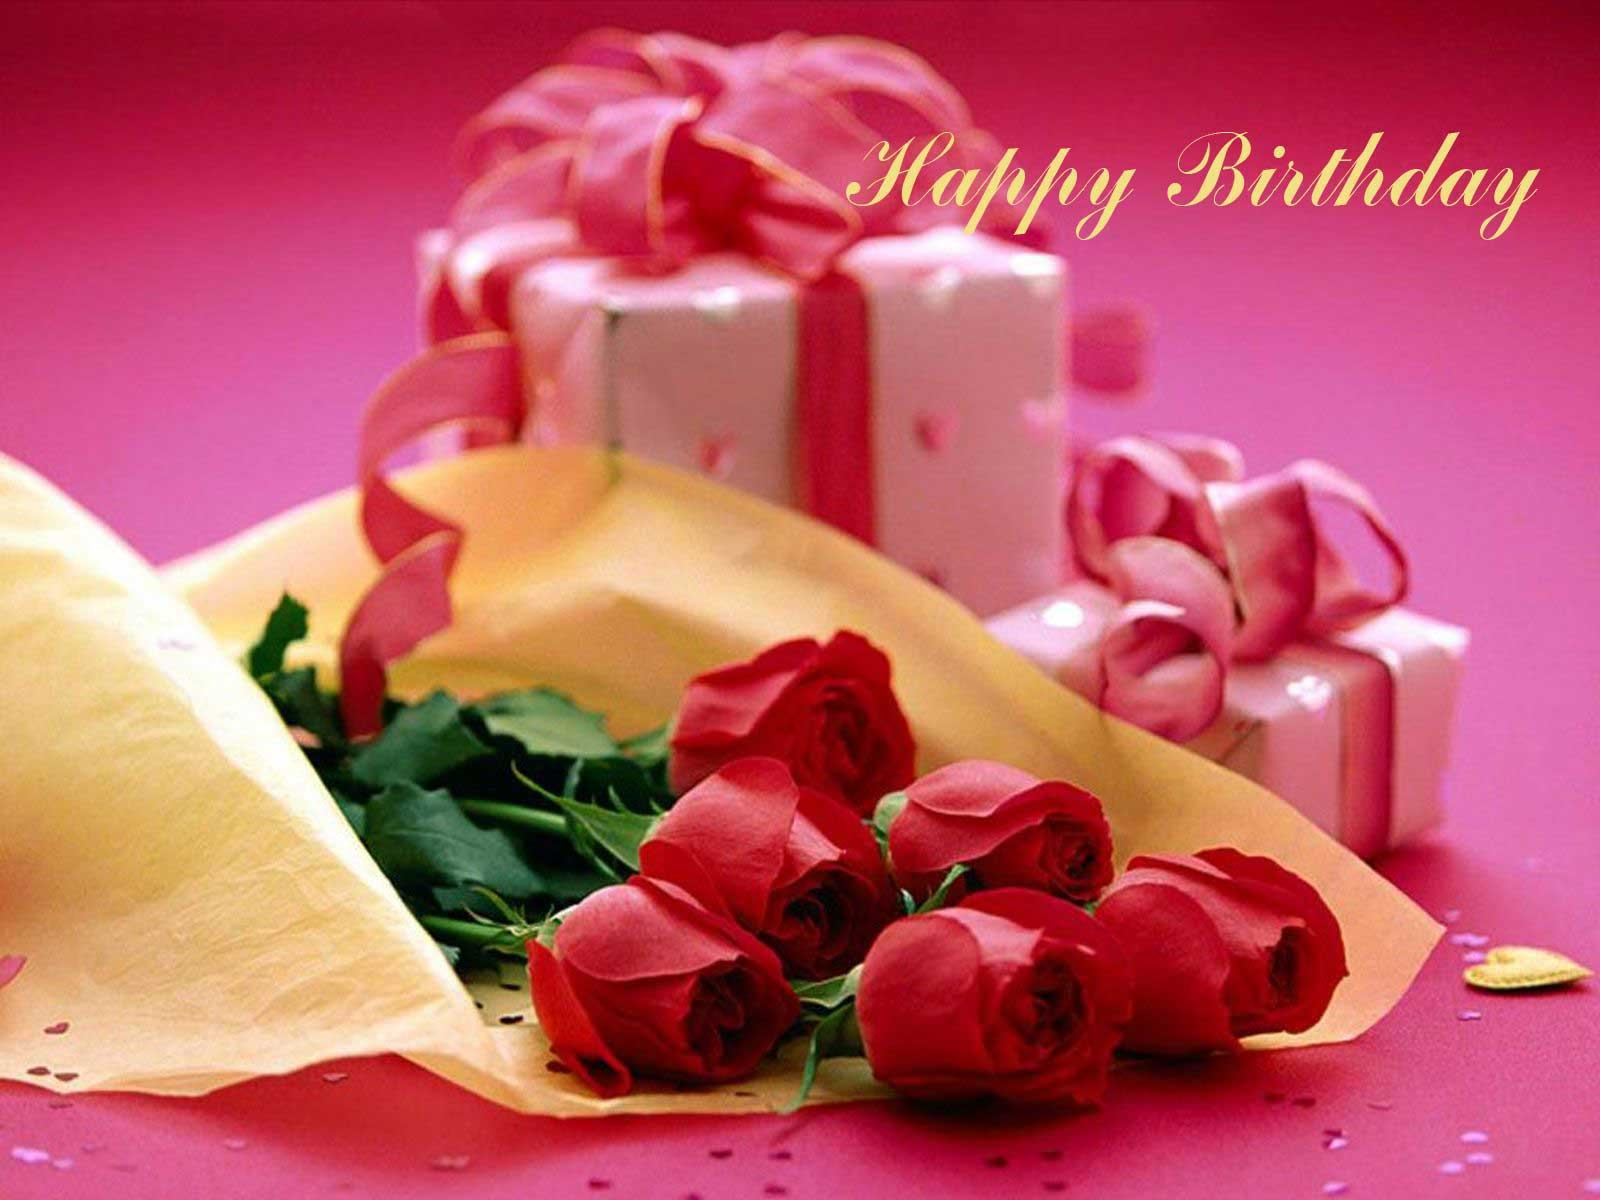 Поздравление на армянском языке женщину с днем рождения